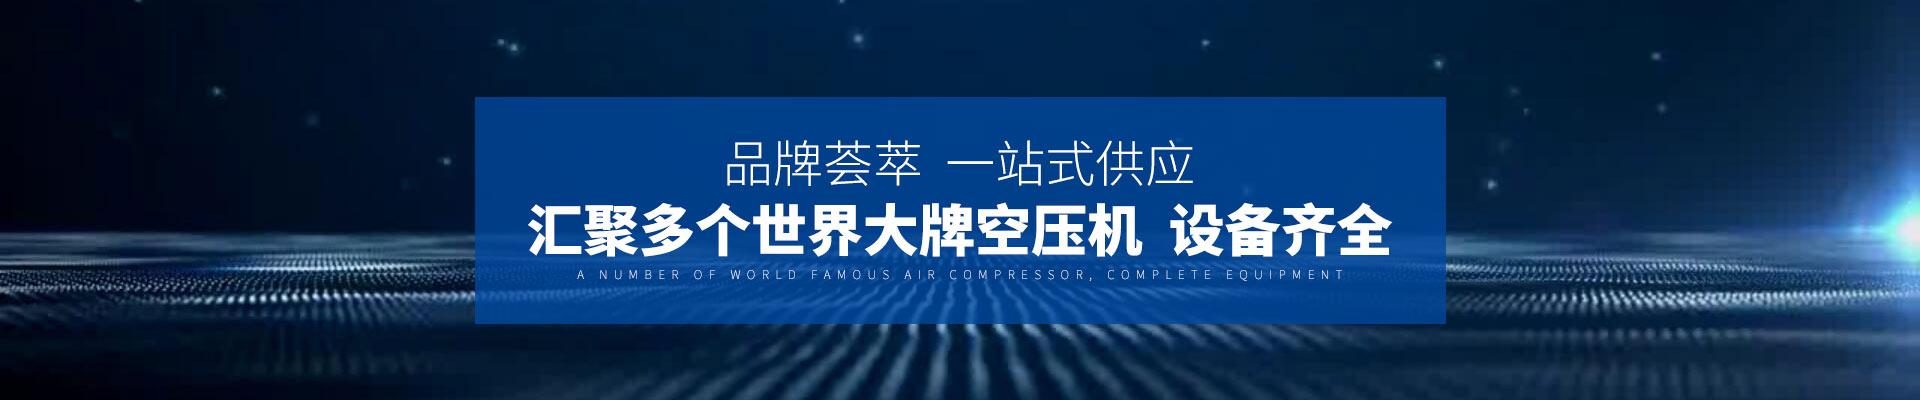 恒捷机电品牌荟萃,一站式供应